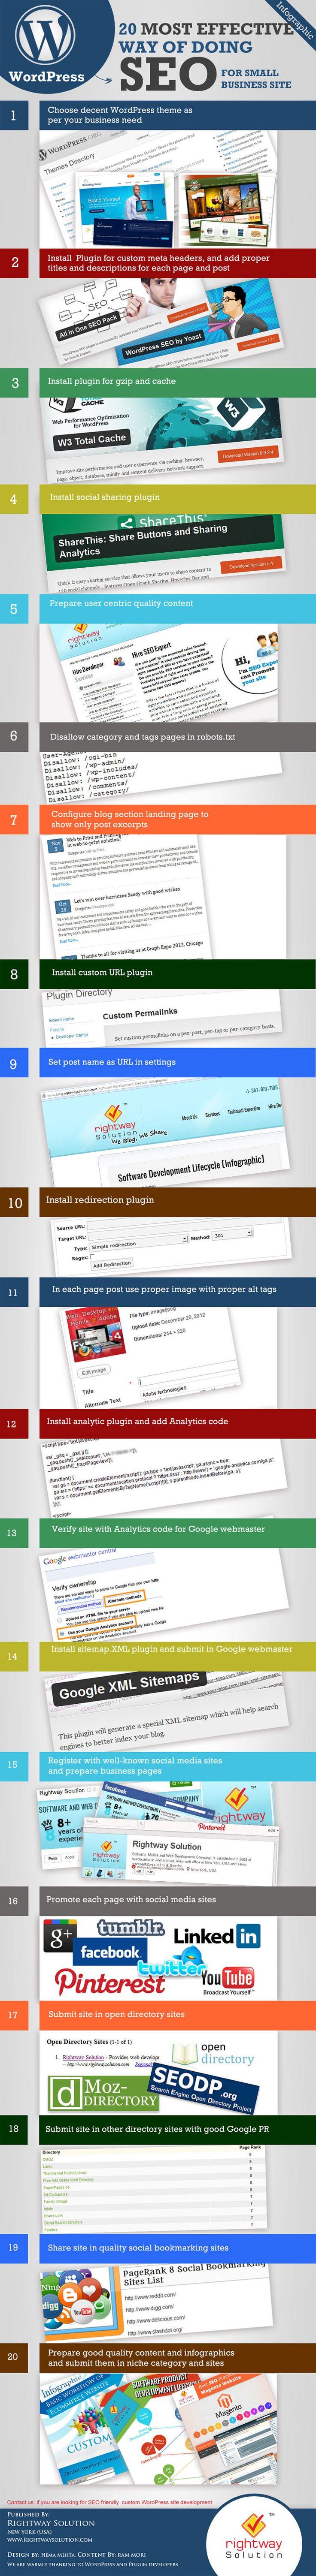 infographic cara meningkatkan seo wordpress